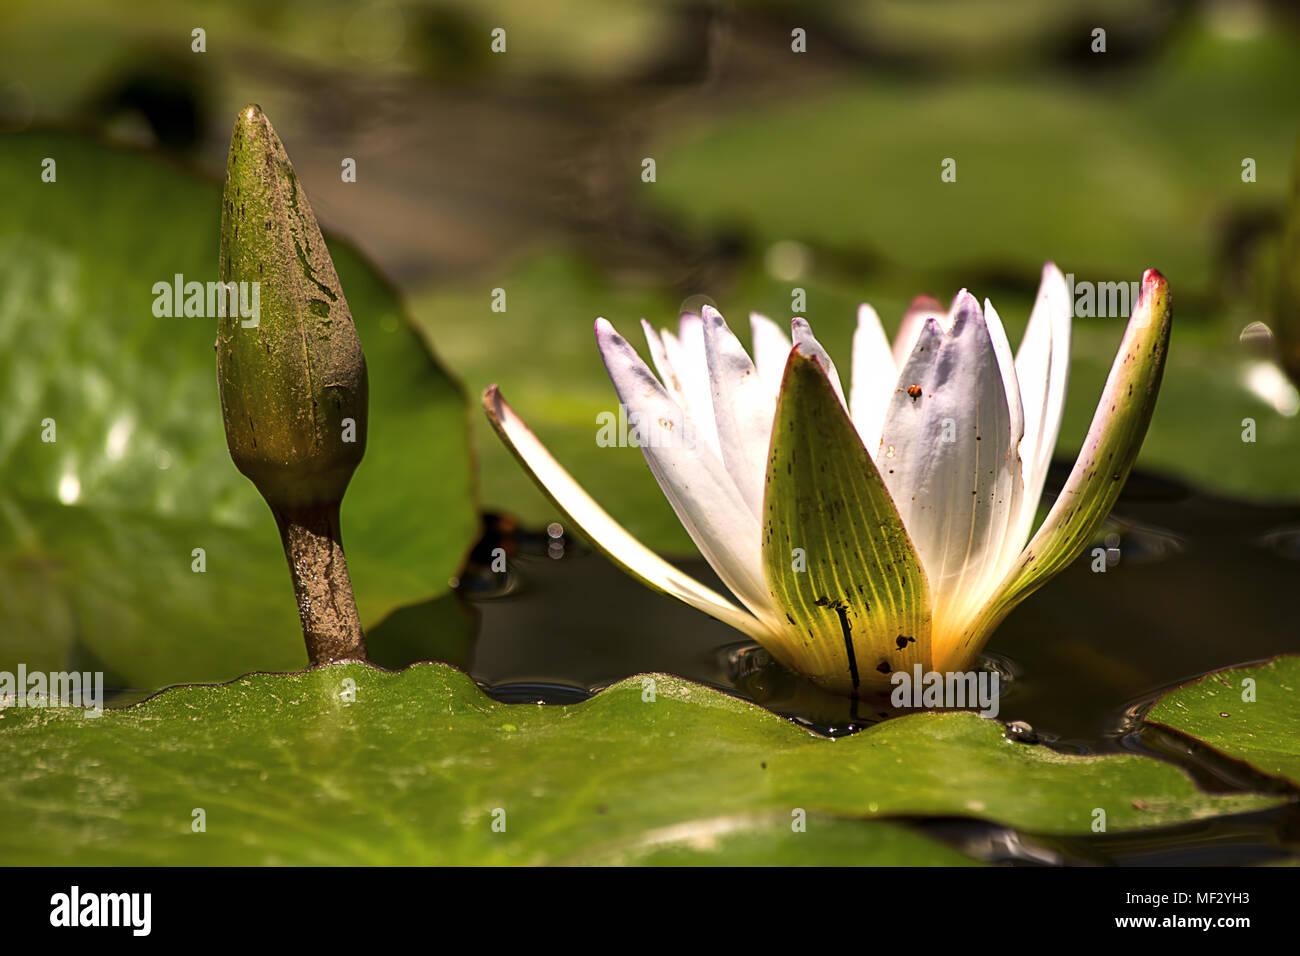 Ein fast völlig offen Lotus neben einer Knospe, die in einem Teich. Stockbild